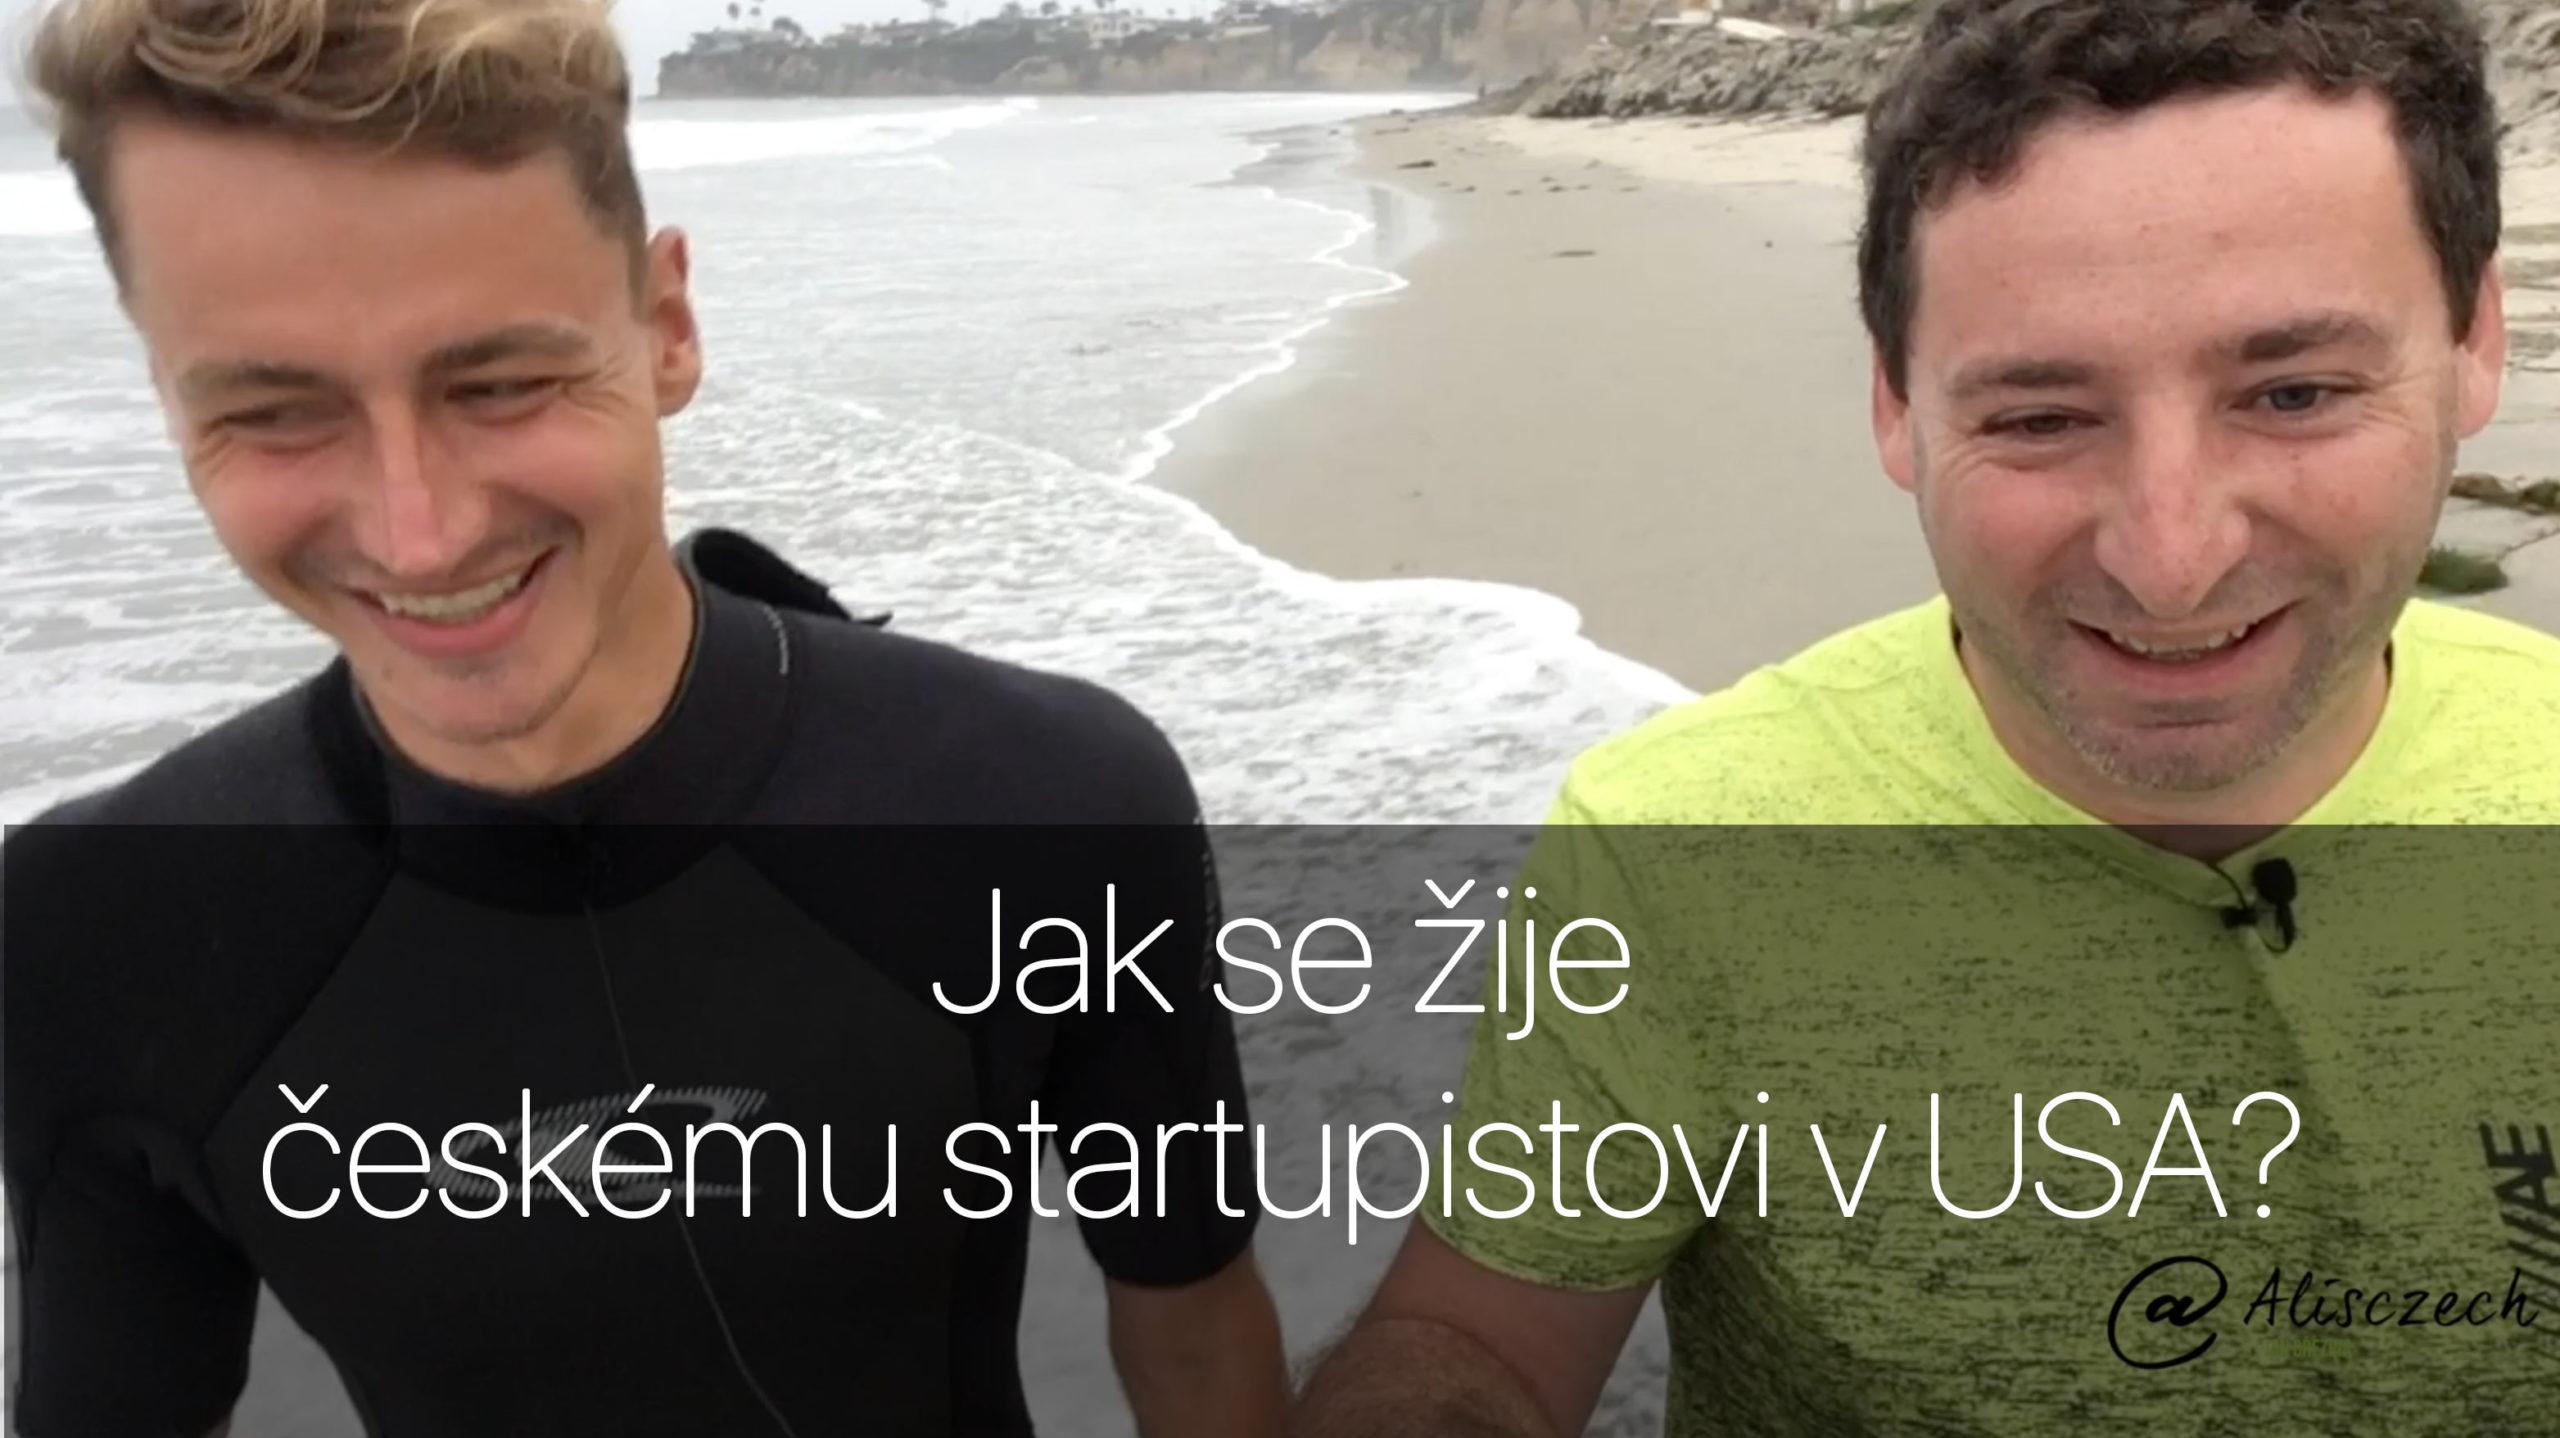 Jak se žije českému startupistovi v USA? (Alisczech vol. 15)